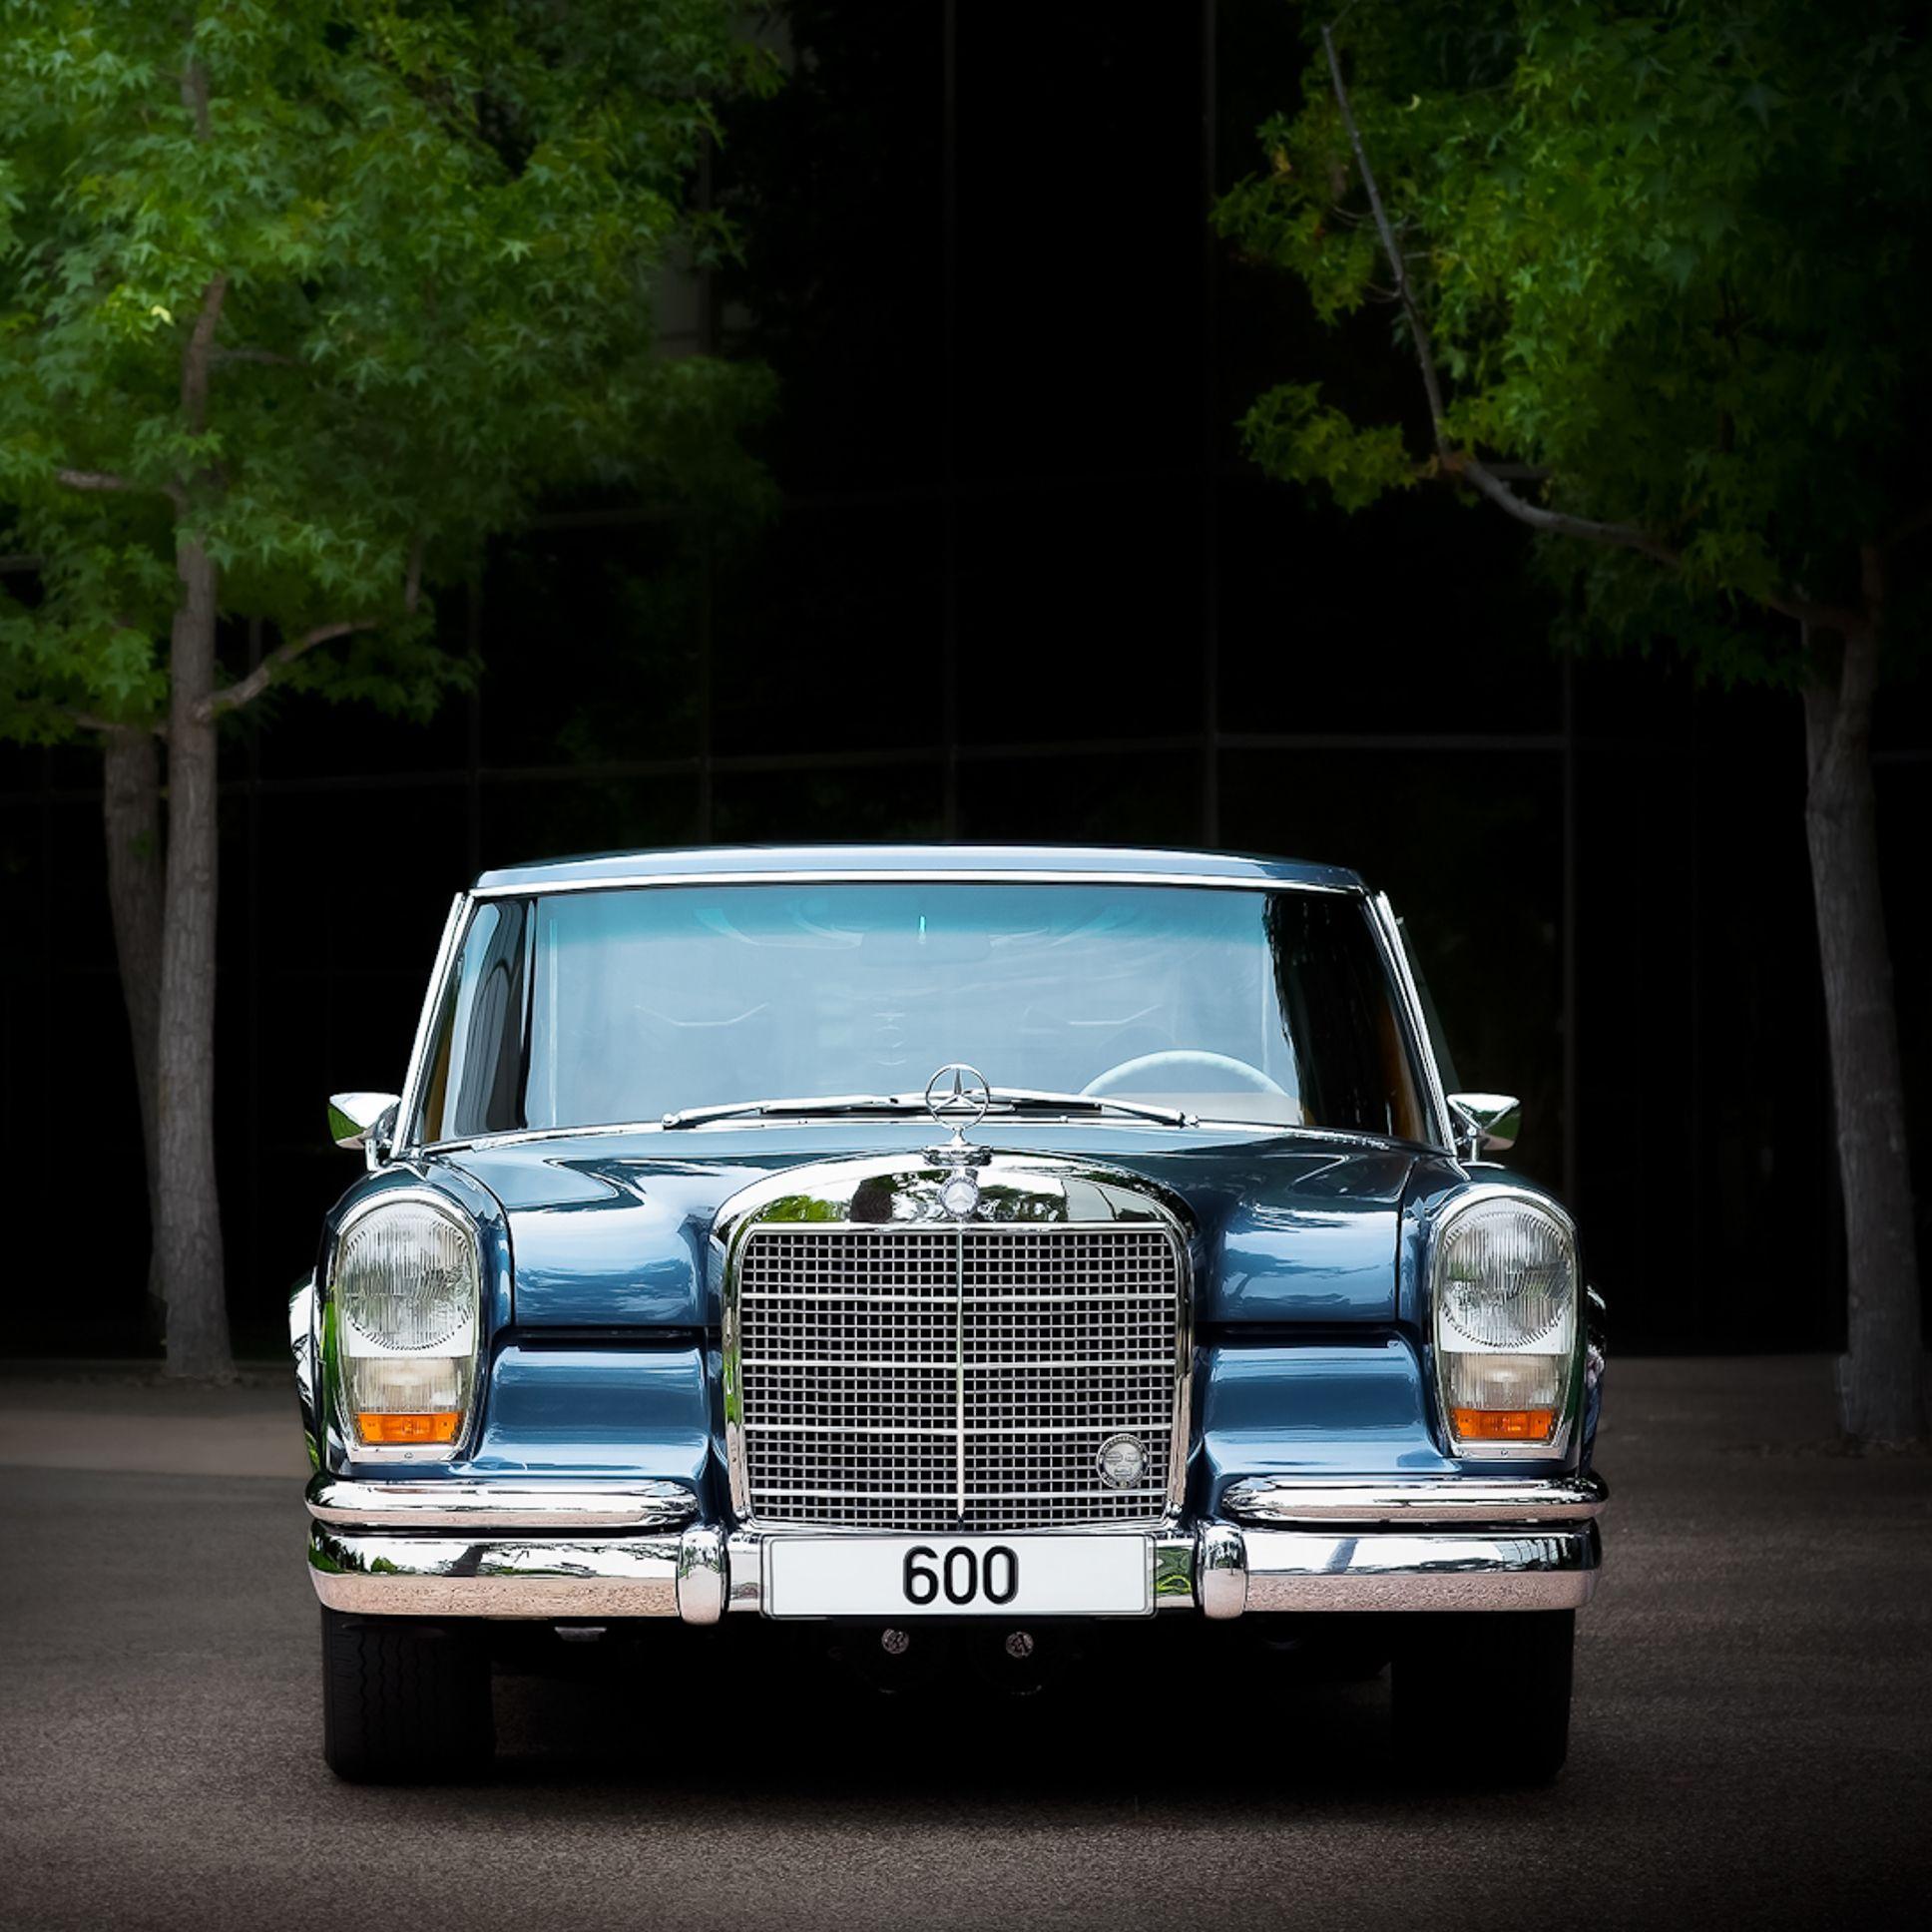 Rare 1969 Swb 600 Of The Mercedes Benz Classic Center Usa Photo